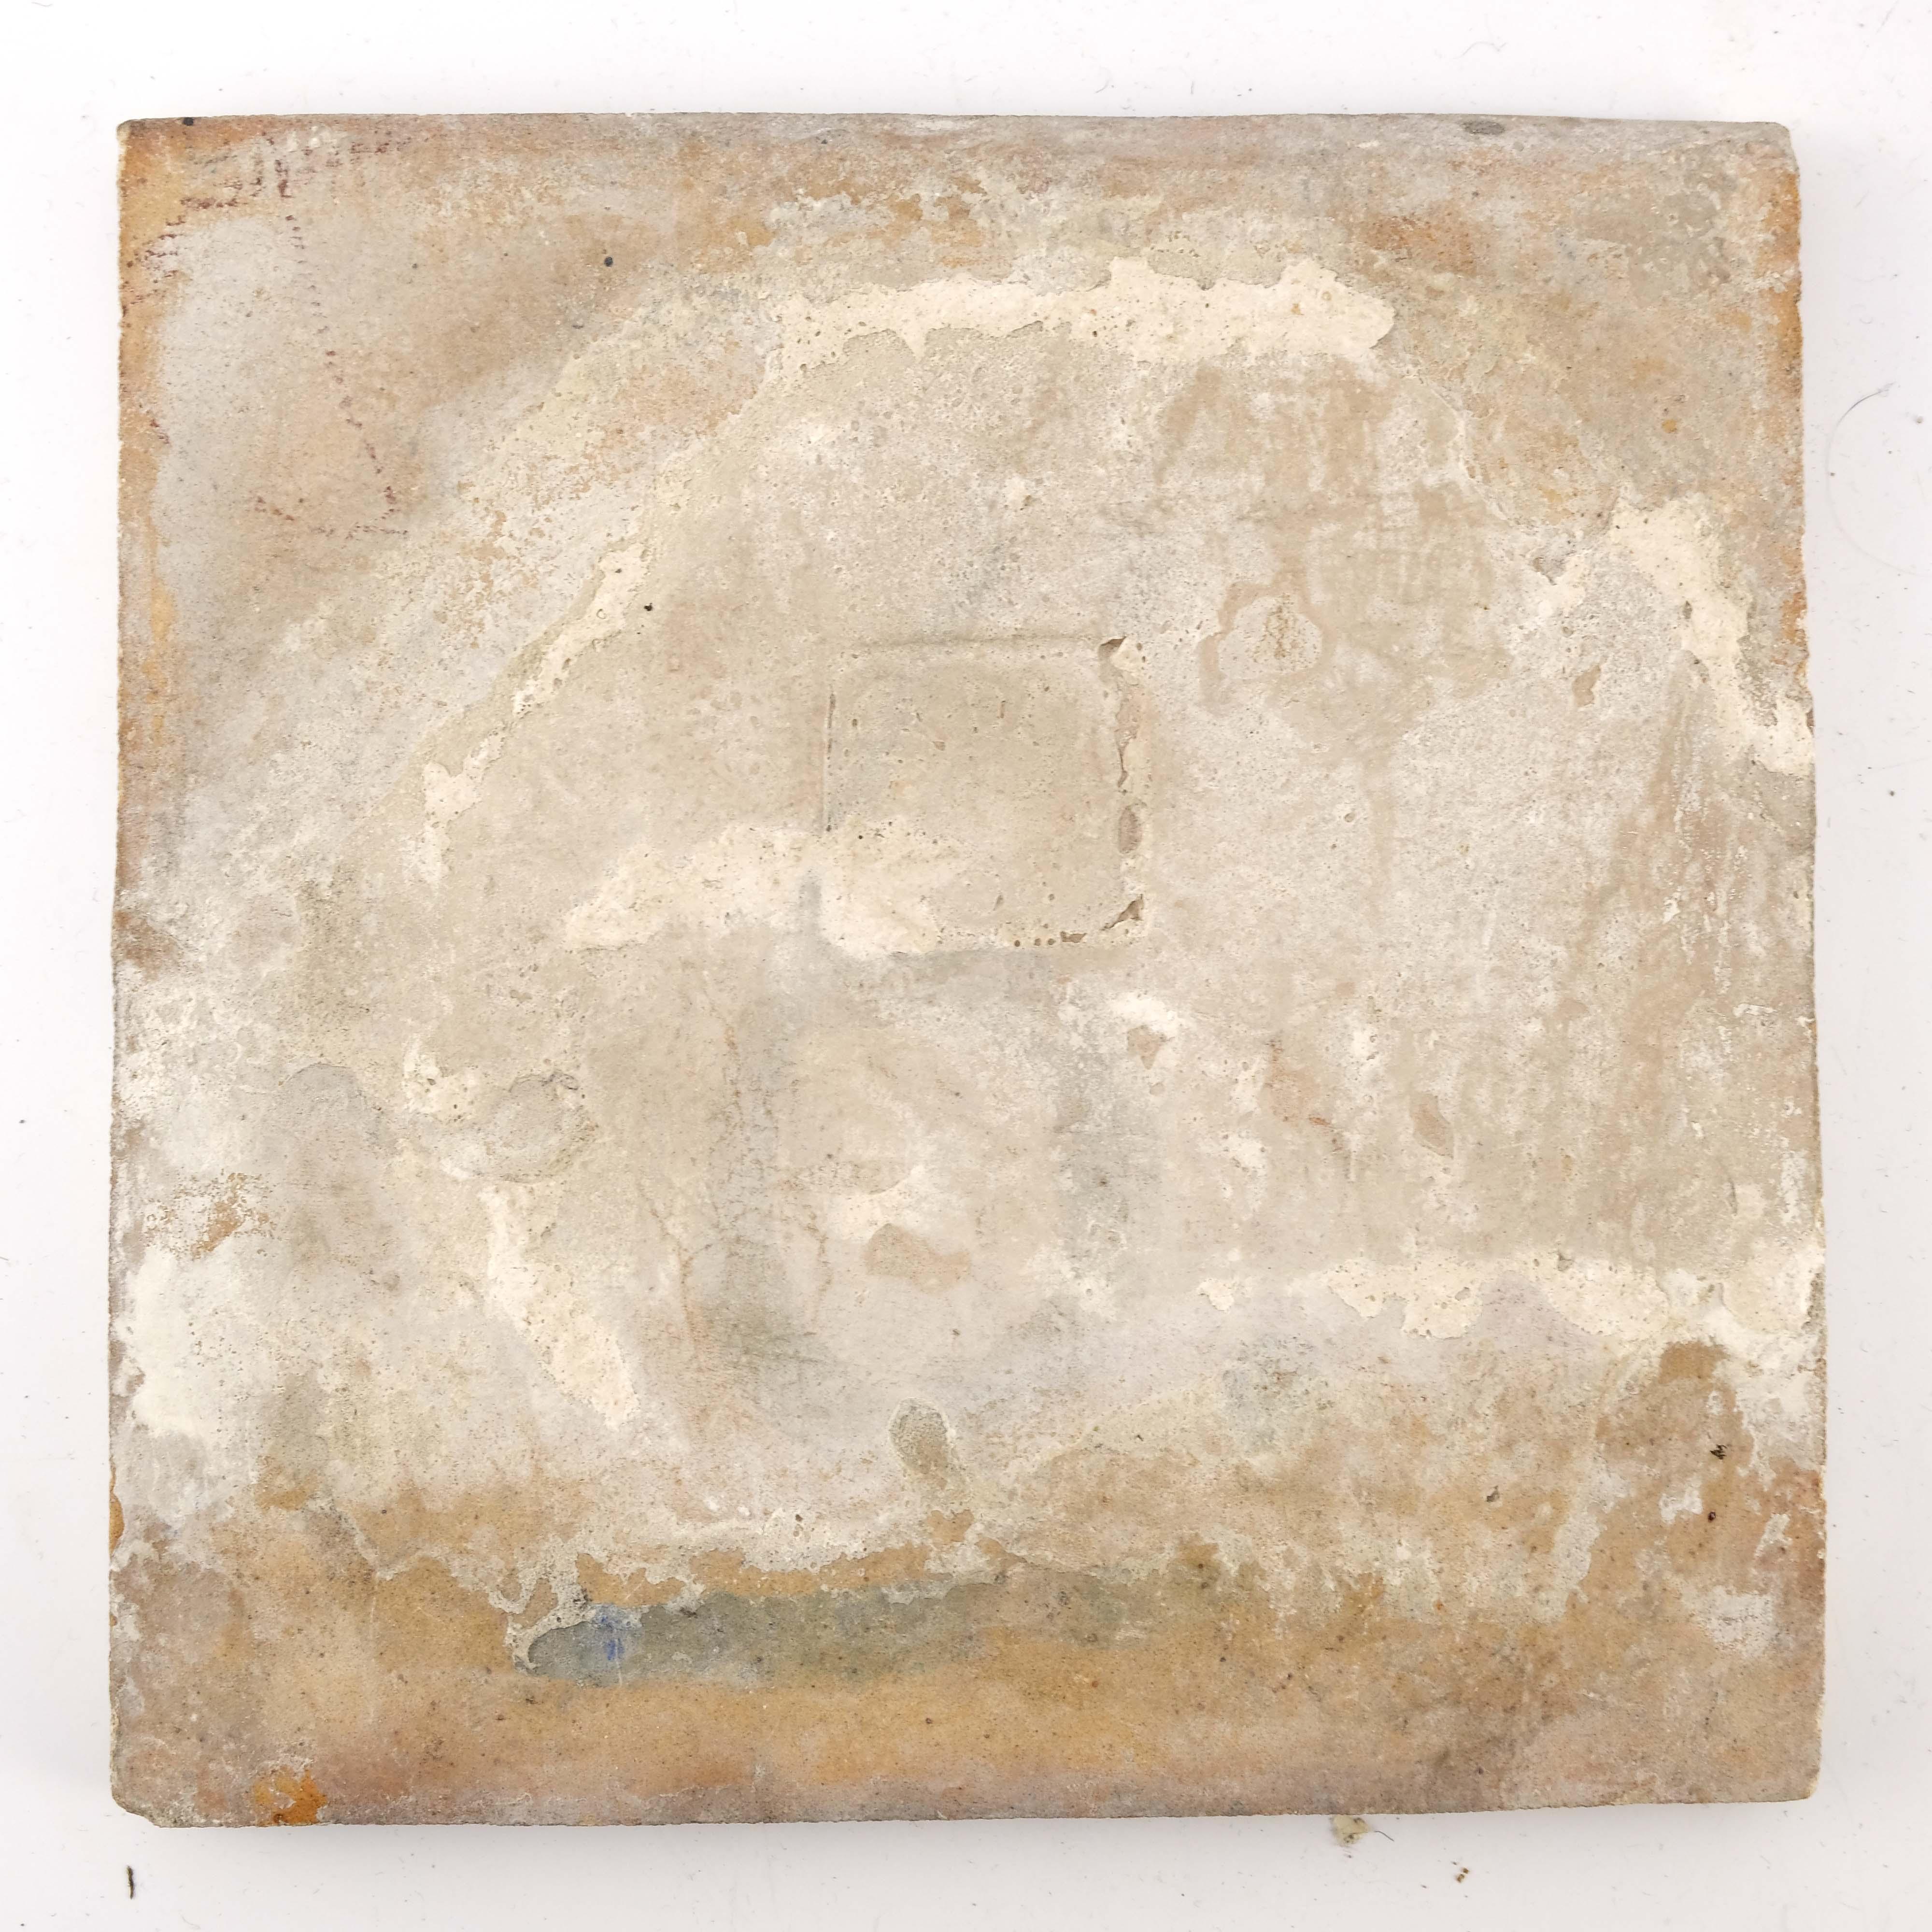 William De Morgan, a large Fan tile - Image 2 of 4